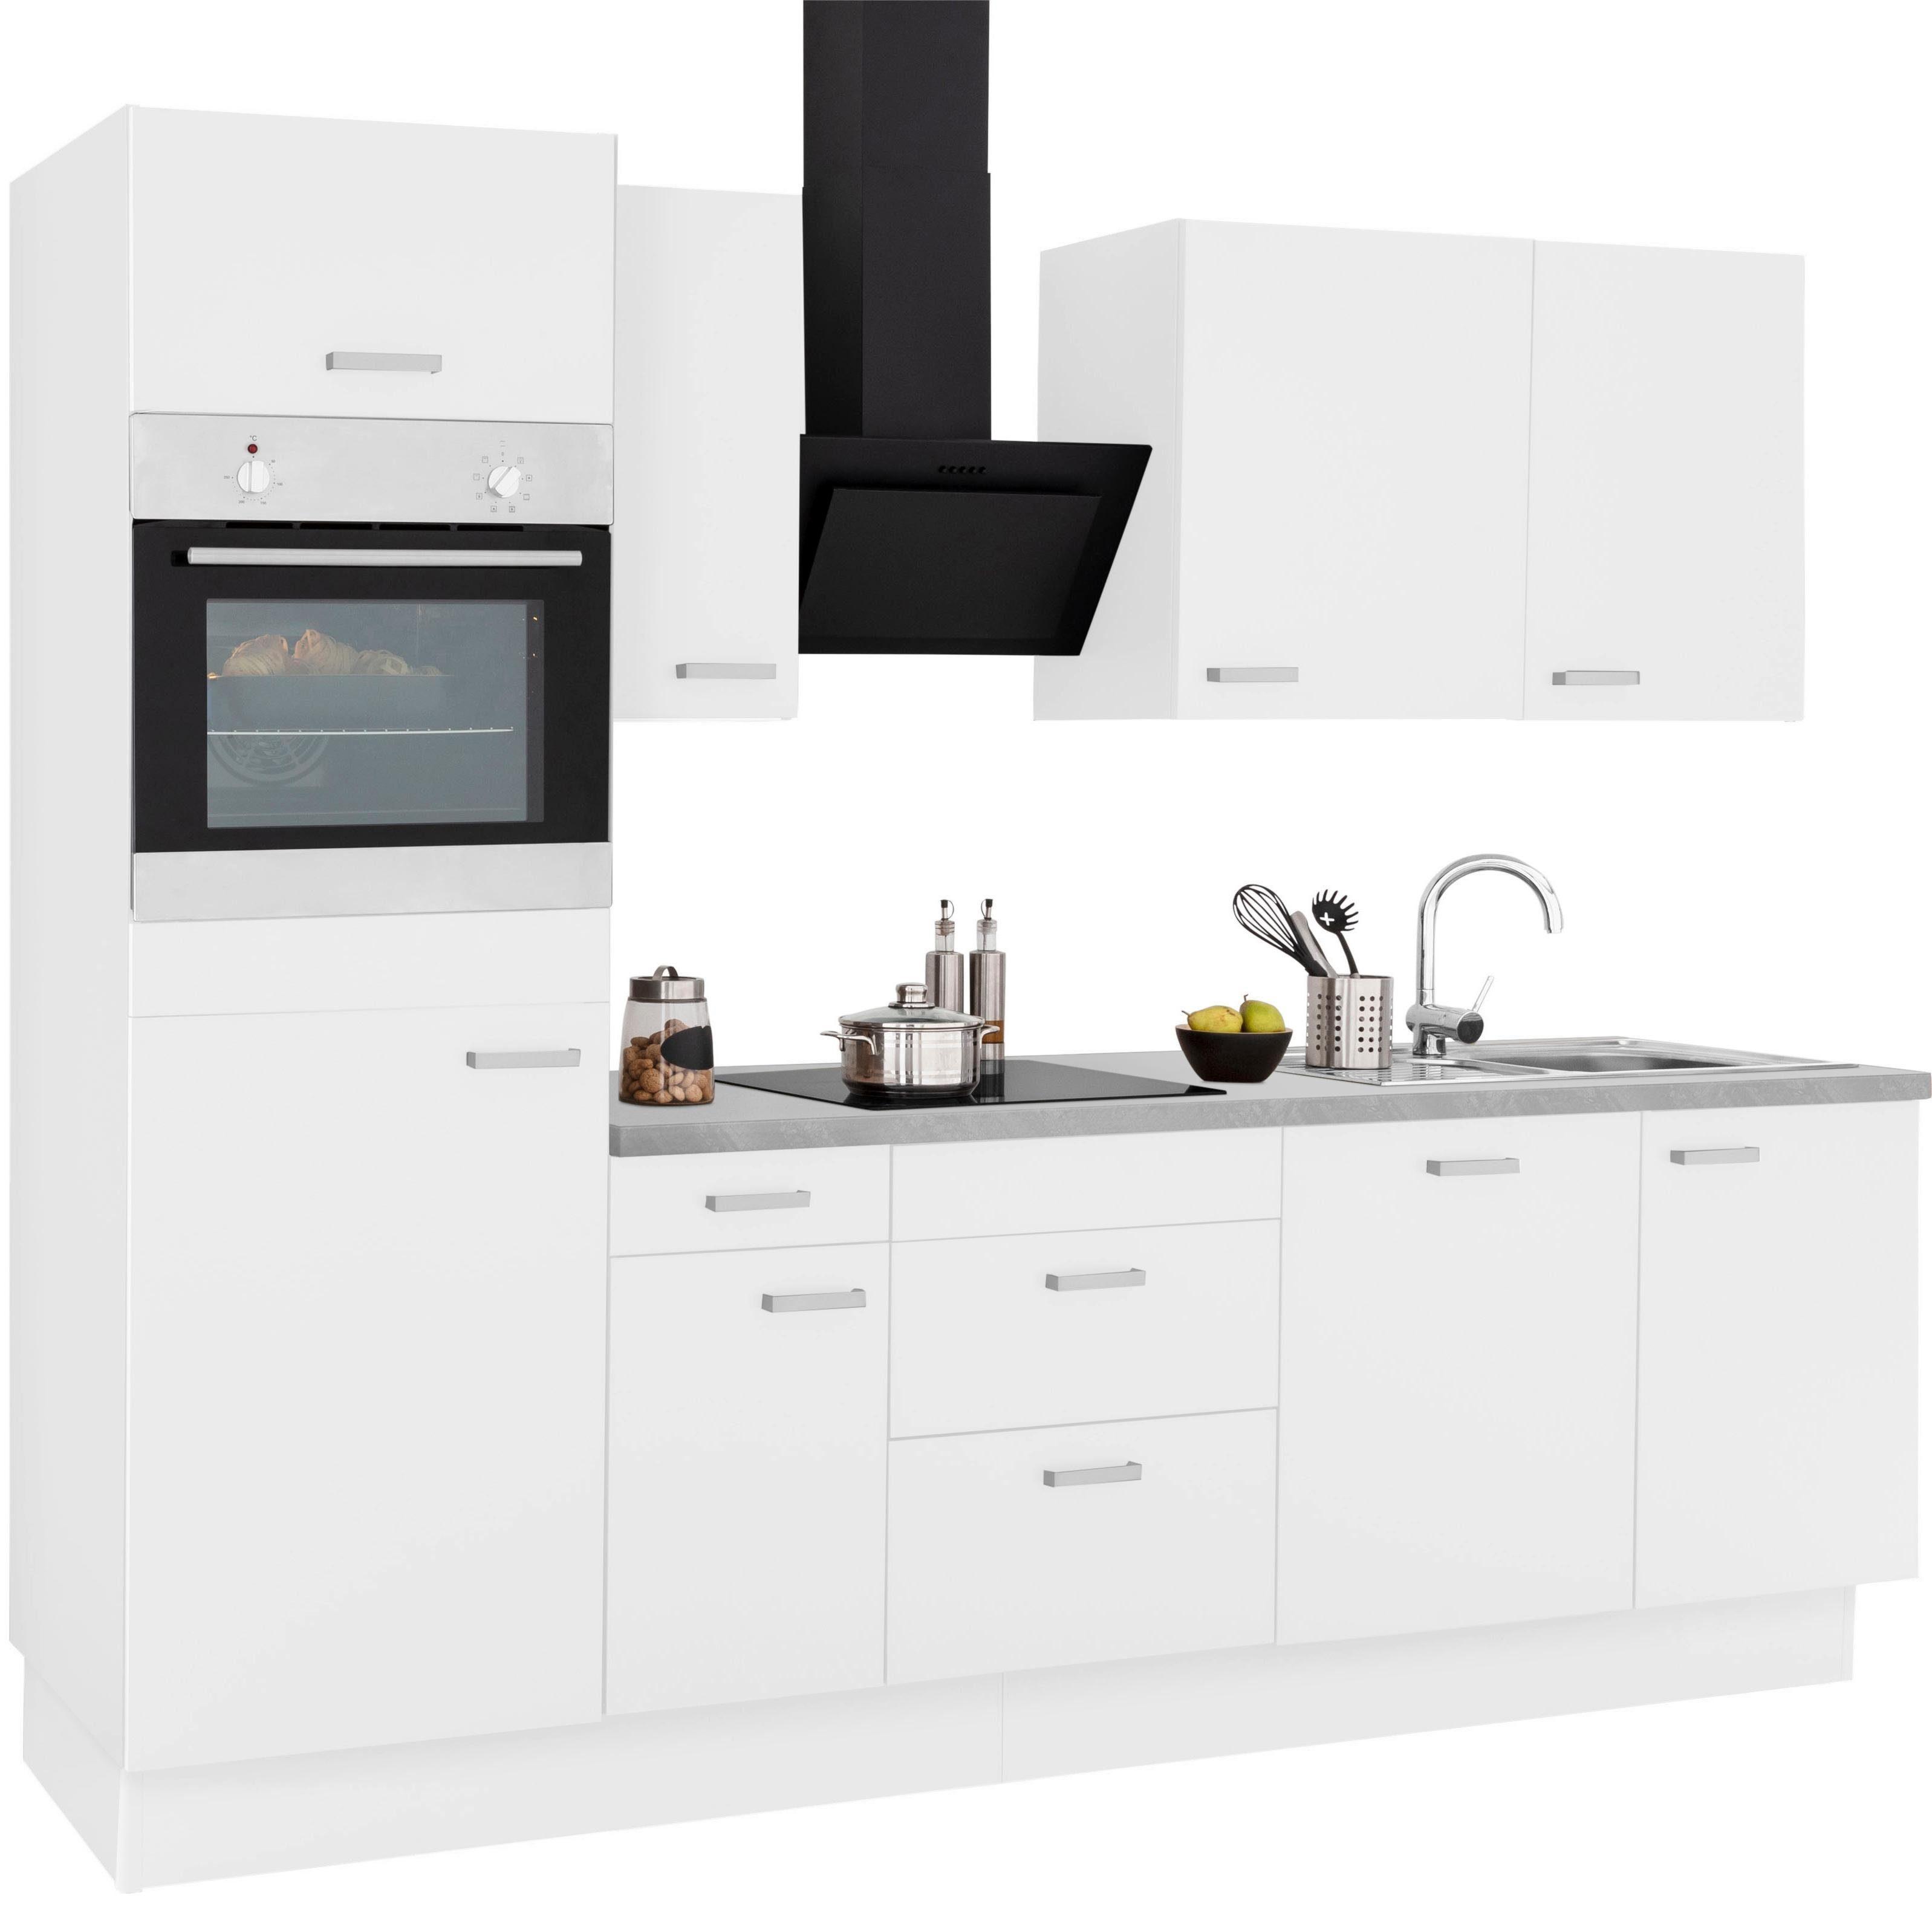 OPTIFIT Küchenzeile Parma Wohnen/Möbel/Küchenmöbel/Küchenzeilen & -blöcke/Küchenzeilen ohne Geräte